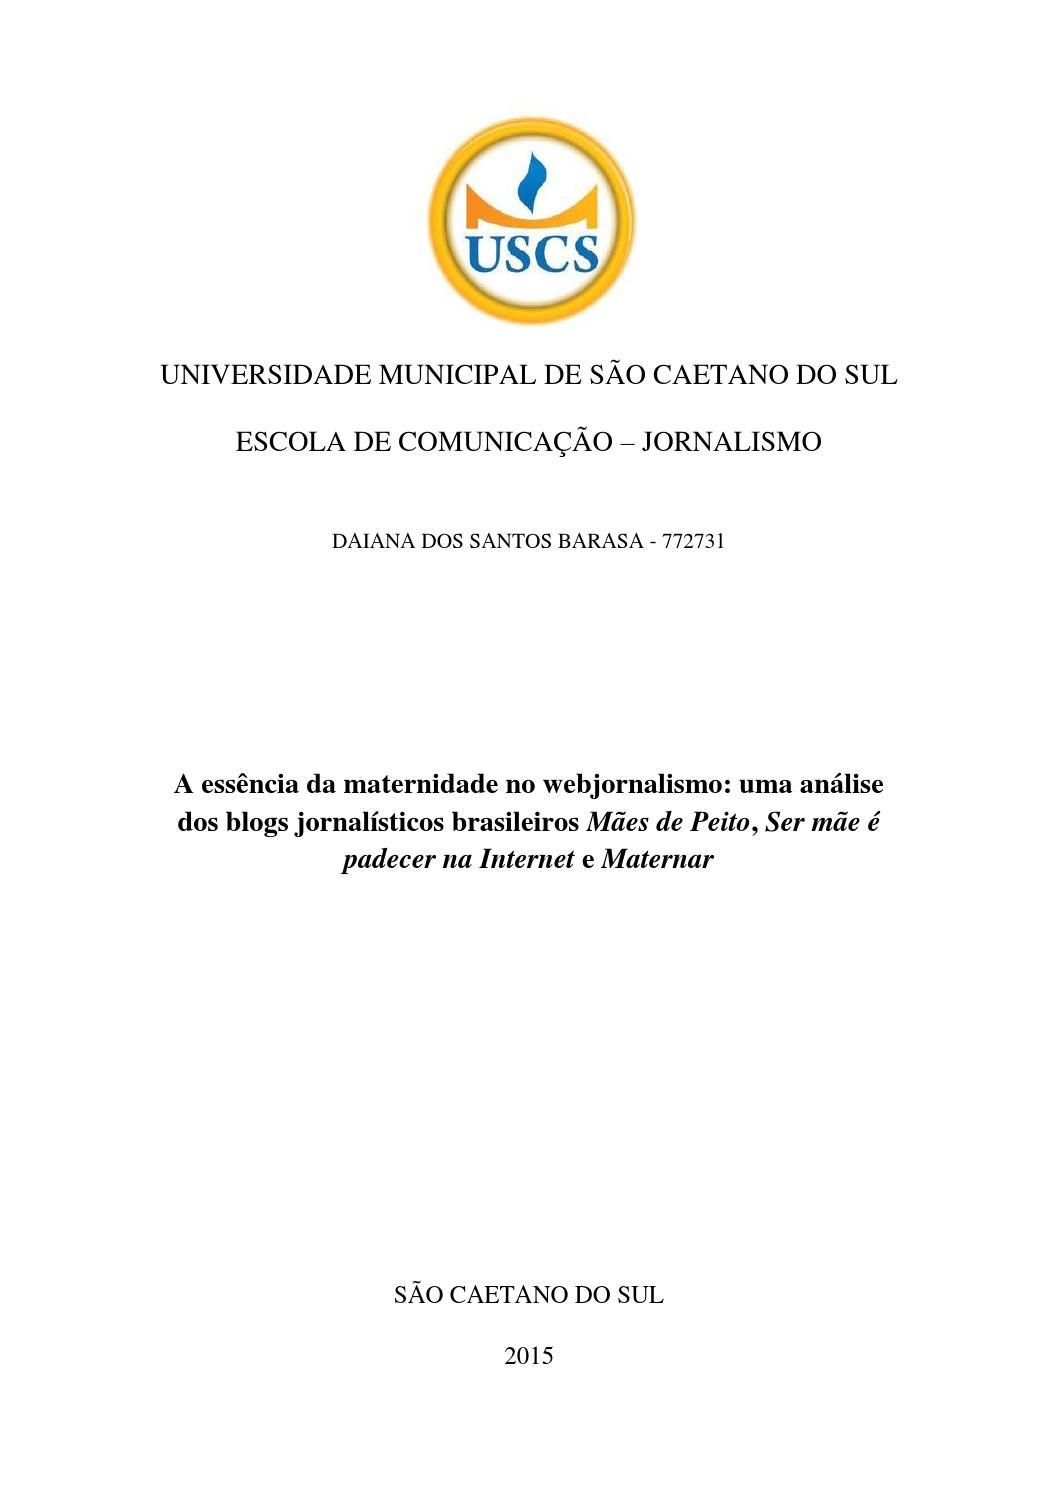 446800f04a A essência da maternidade no webjornalismo by Daiana Barasa - issuu